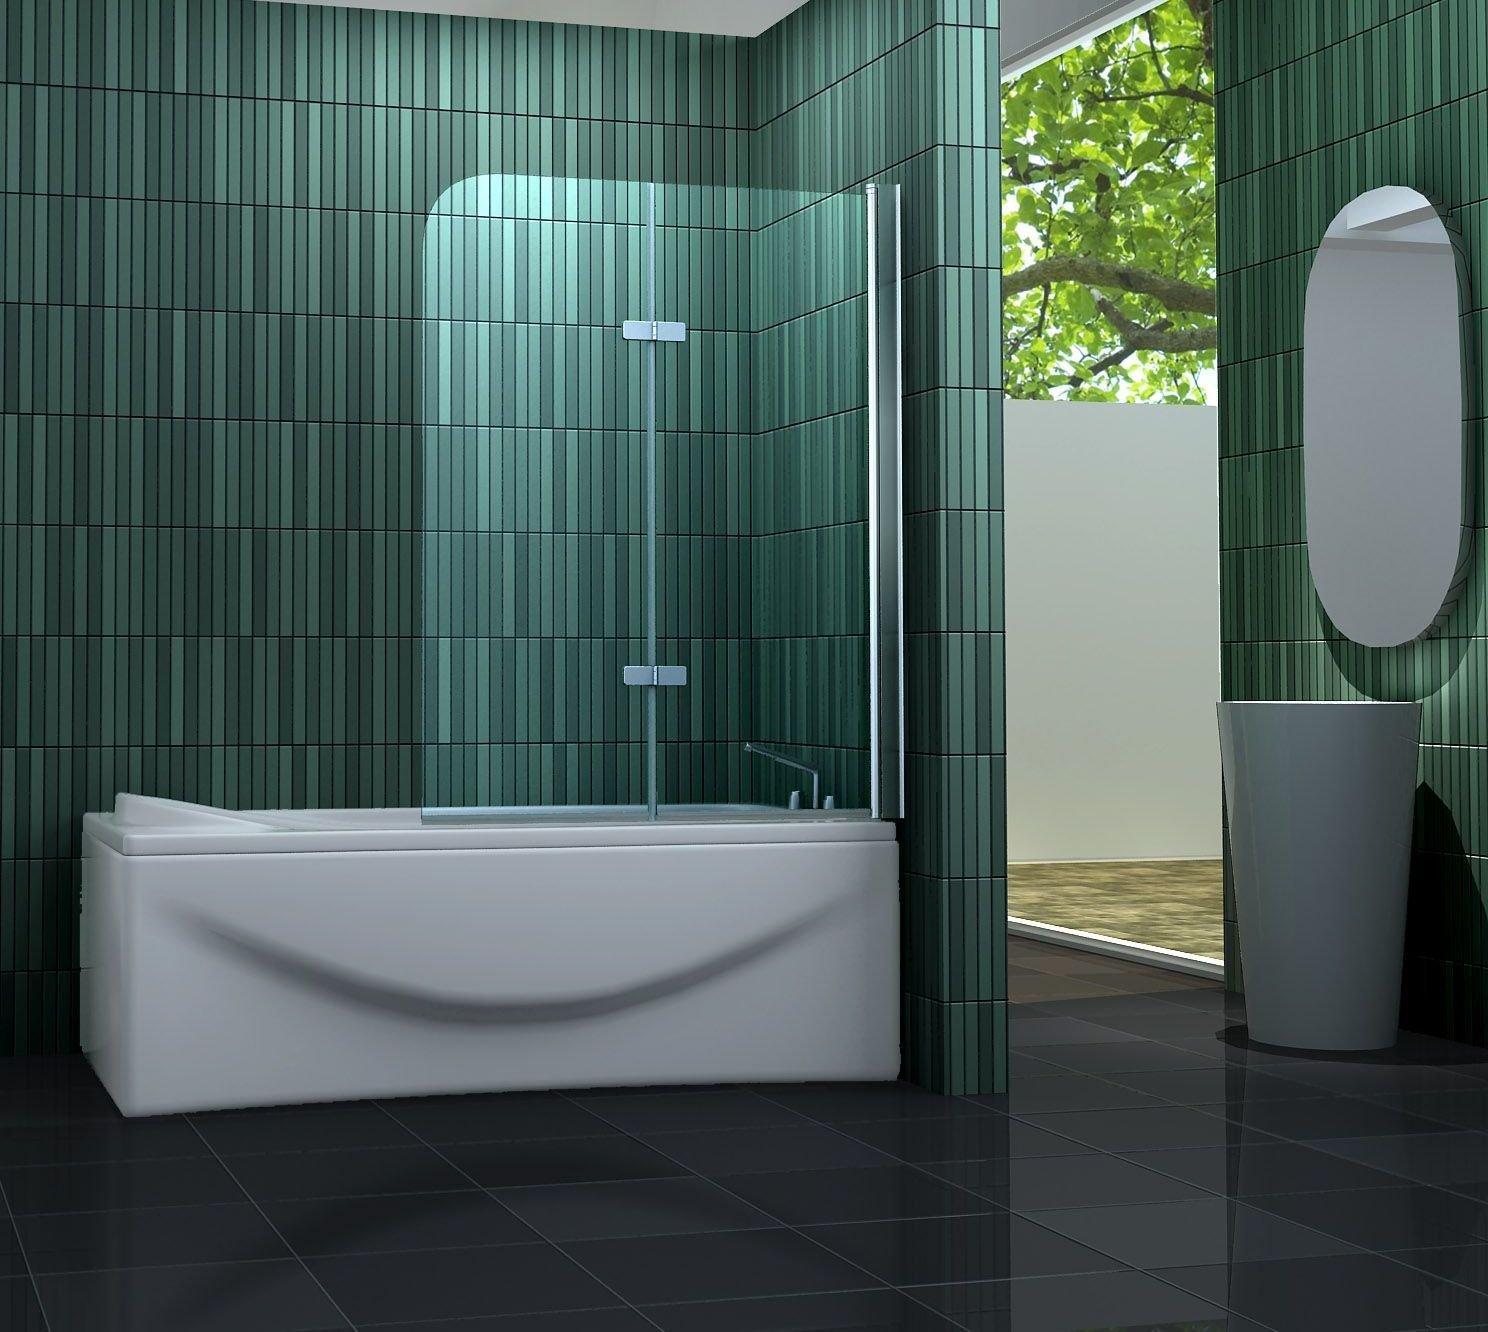 100 x 140 cm Duschtrennwand TWO 100 x 140 cm (Badewanne)